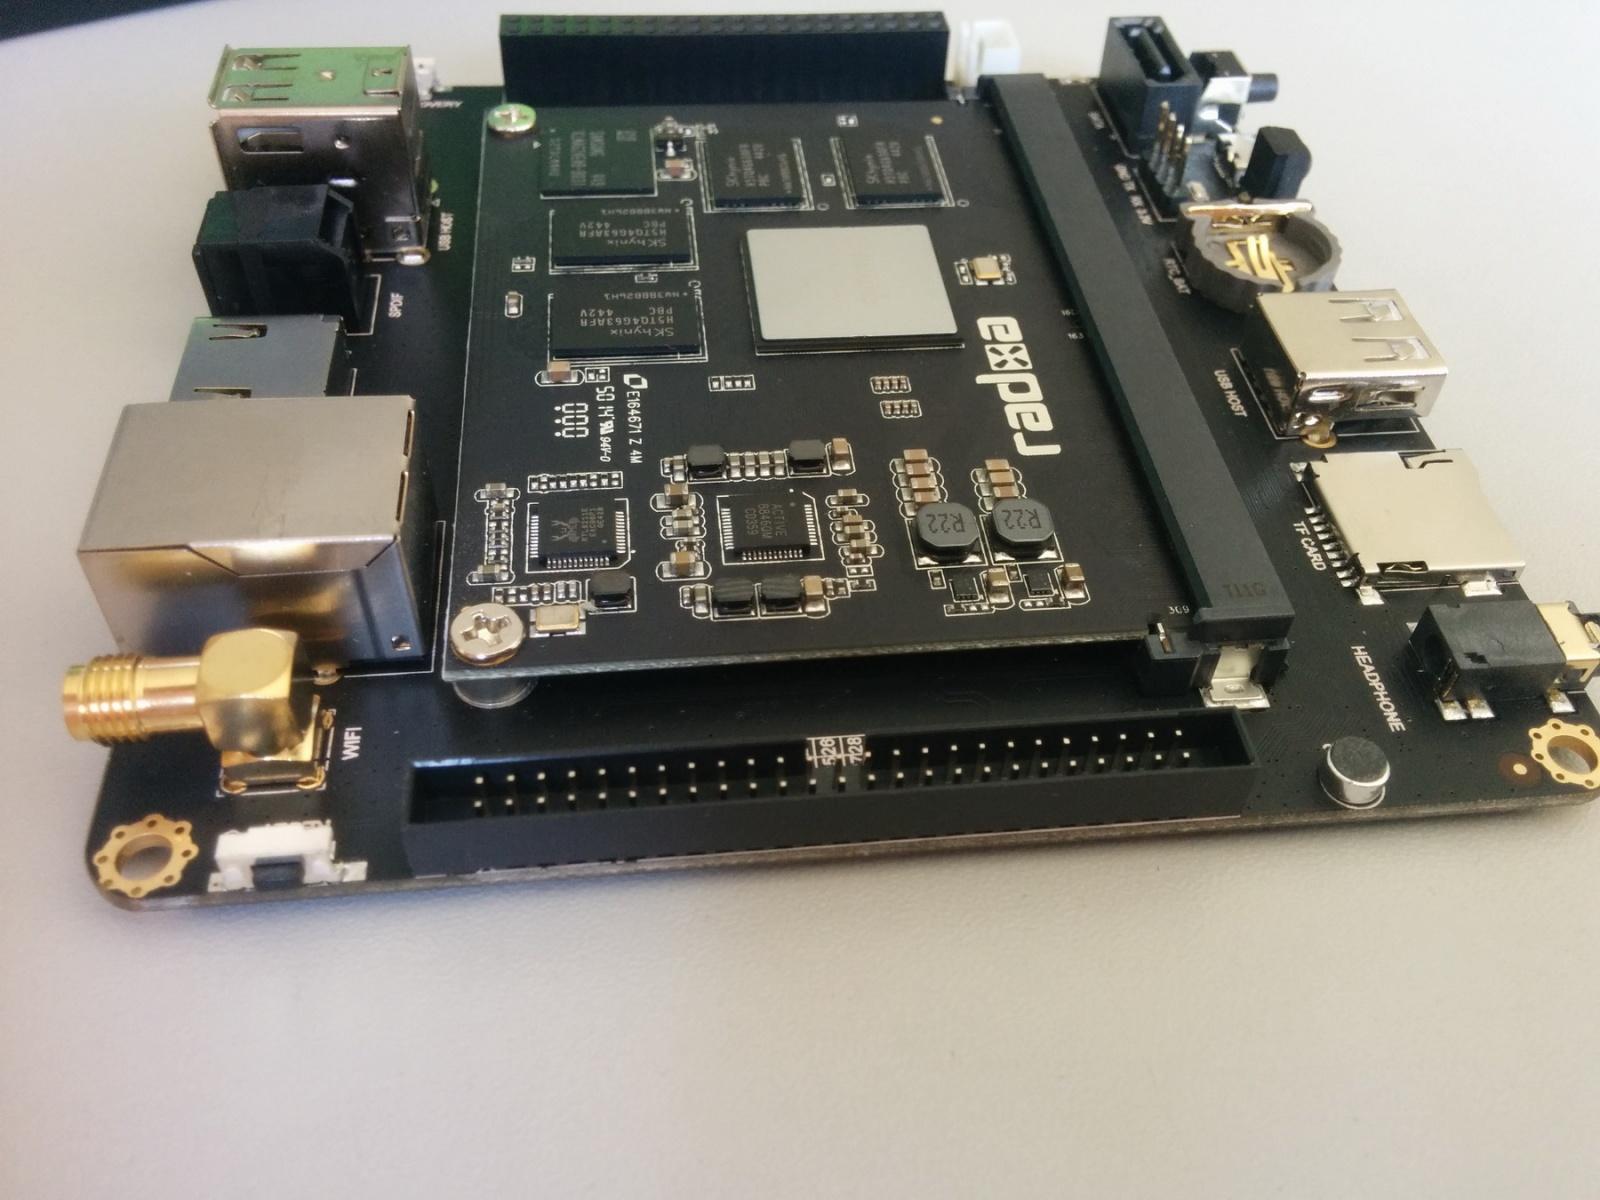 Обзор отладочного комплекта Radxa Rock 2 Square и SoM - 6